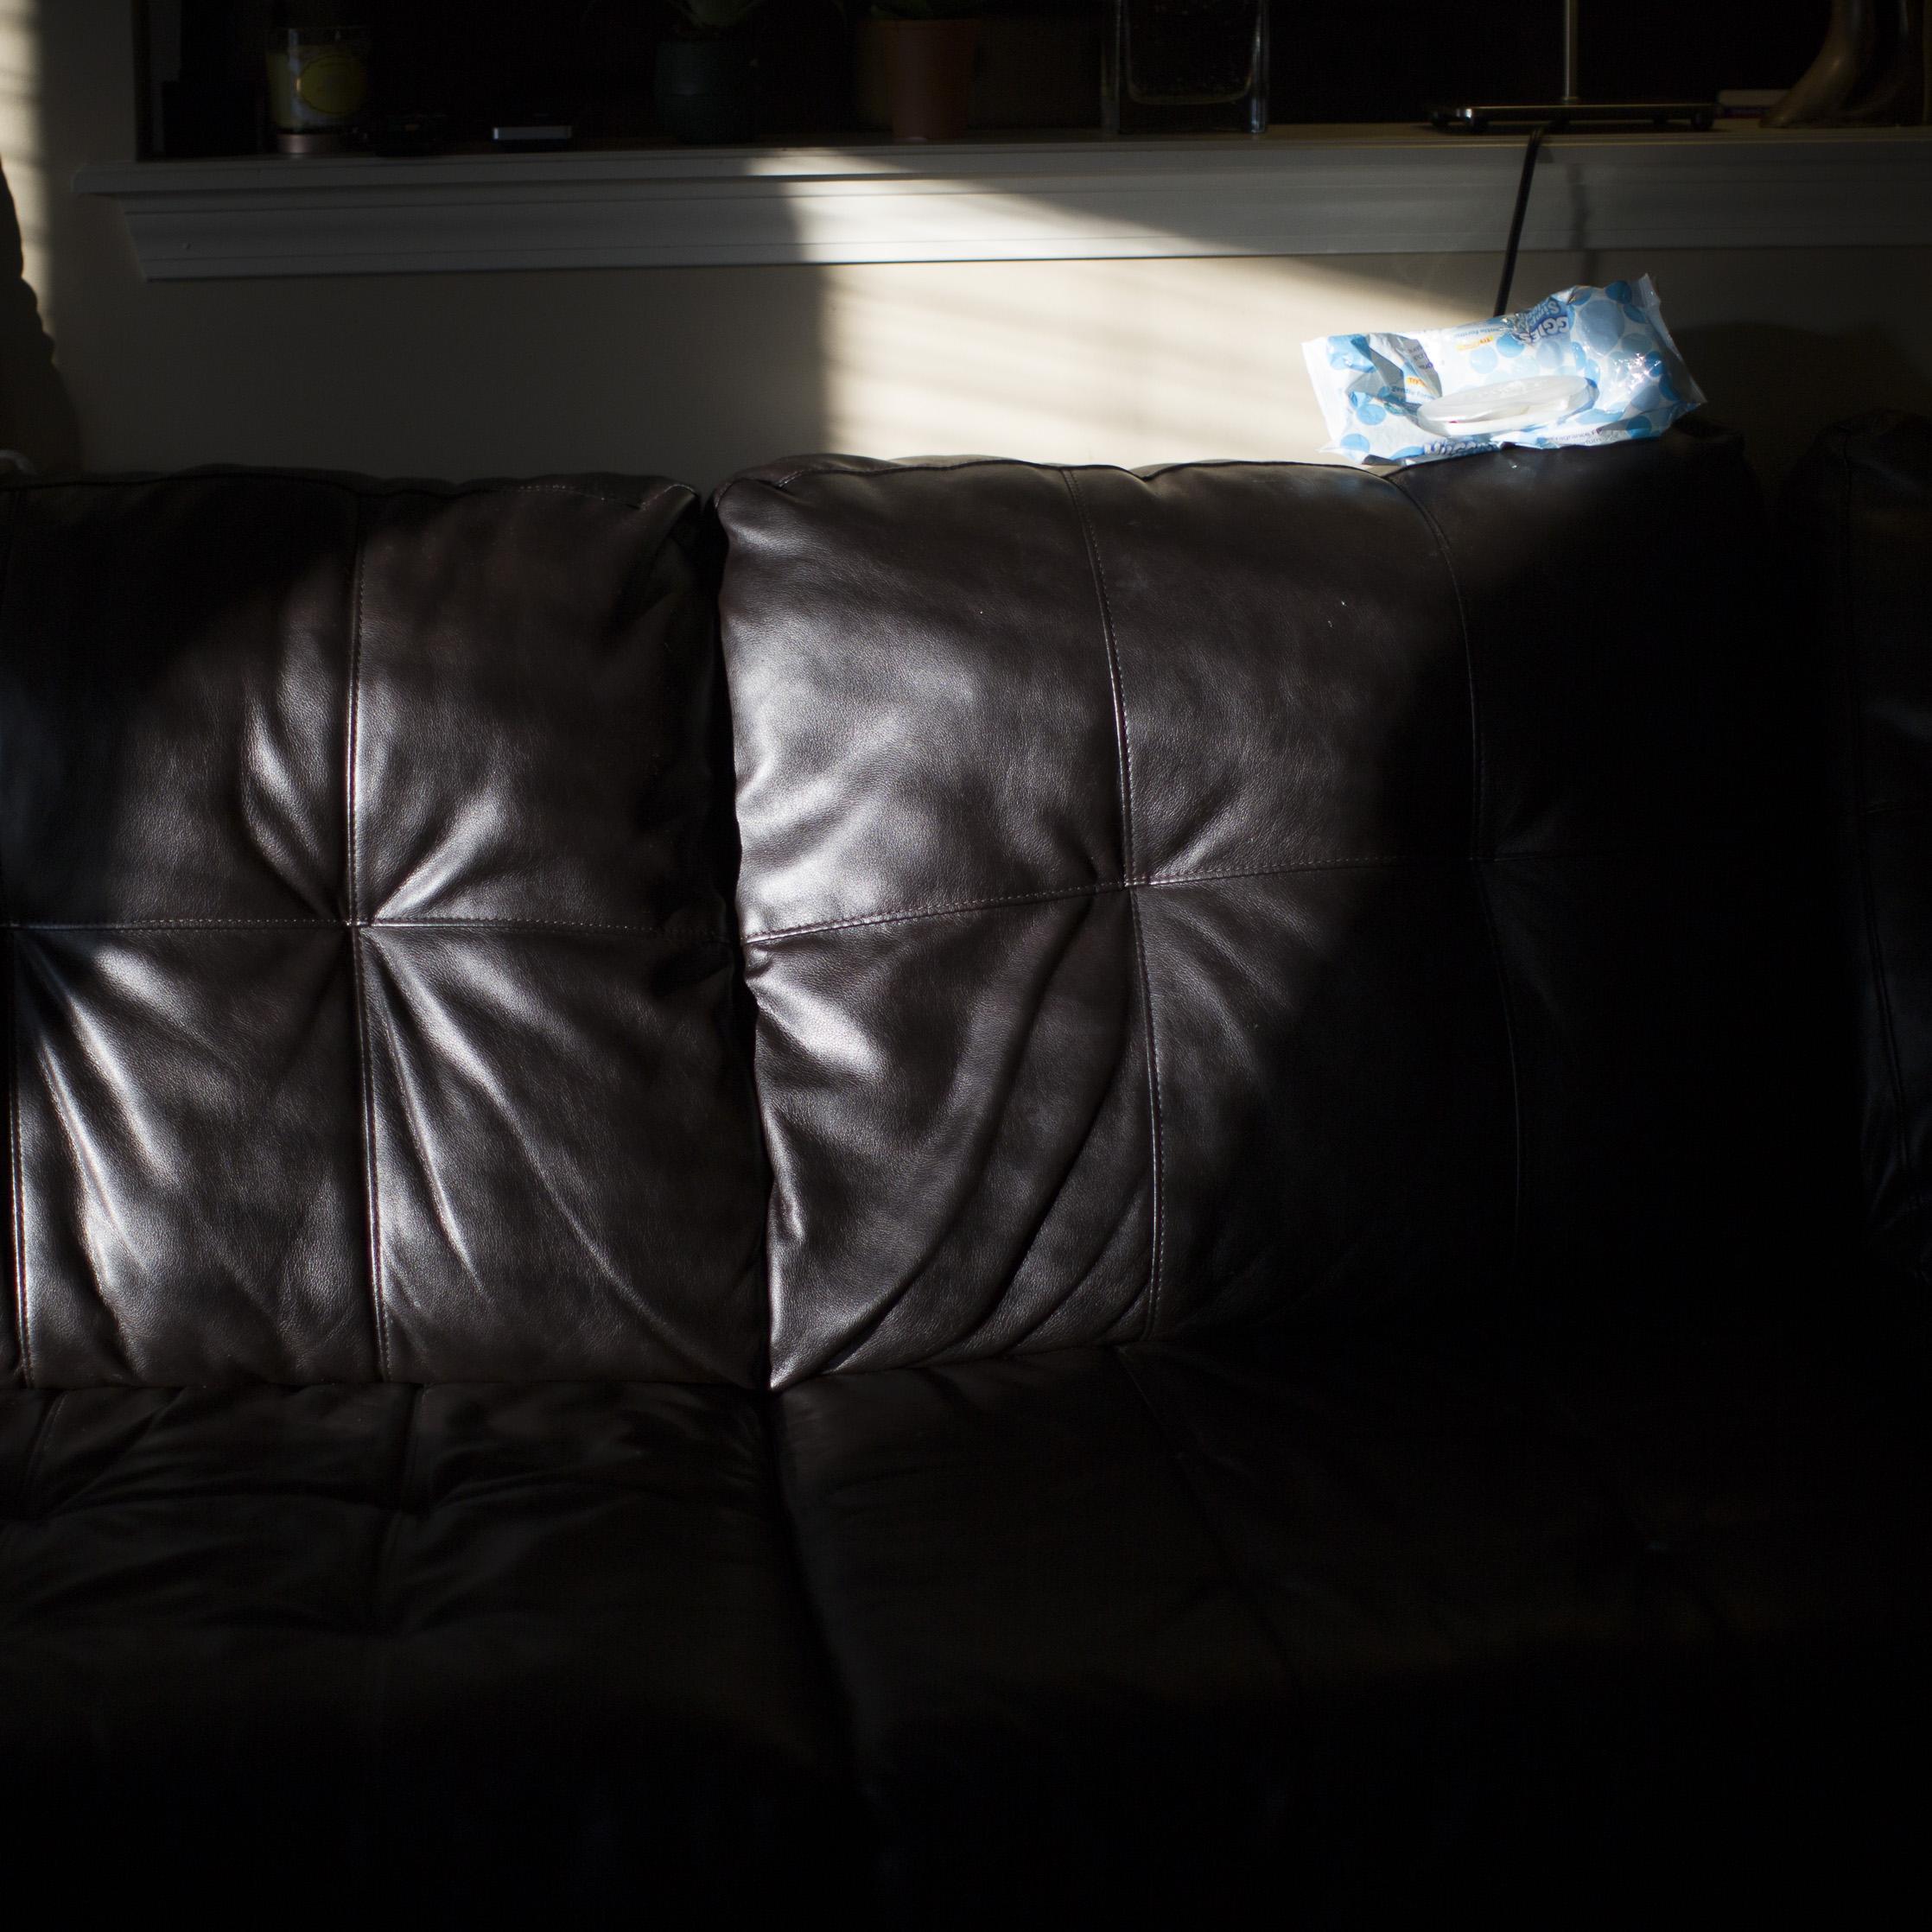 nightlight_0006.jpg